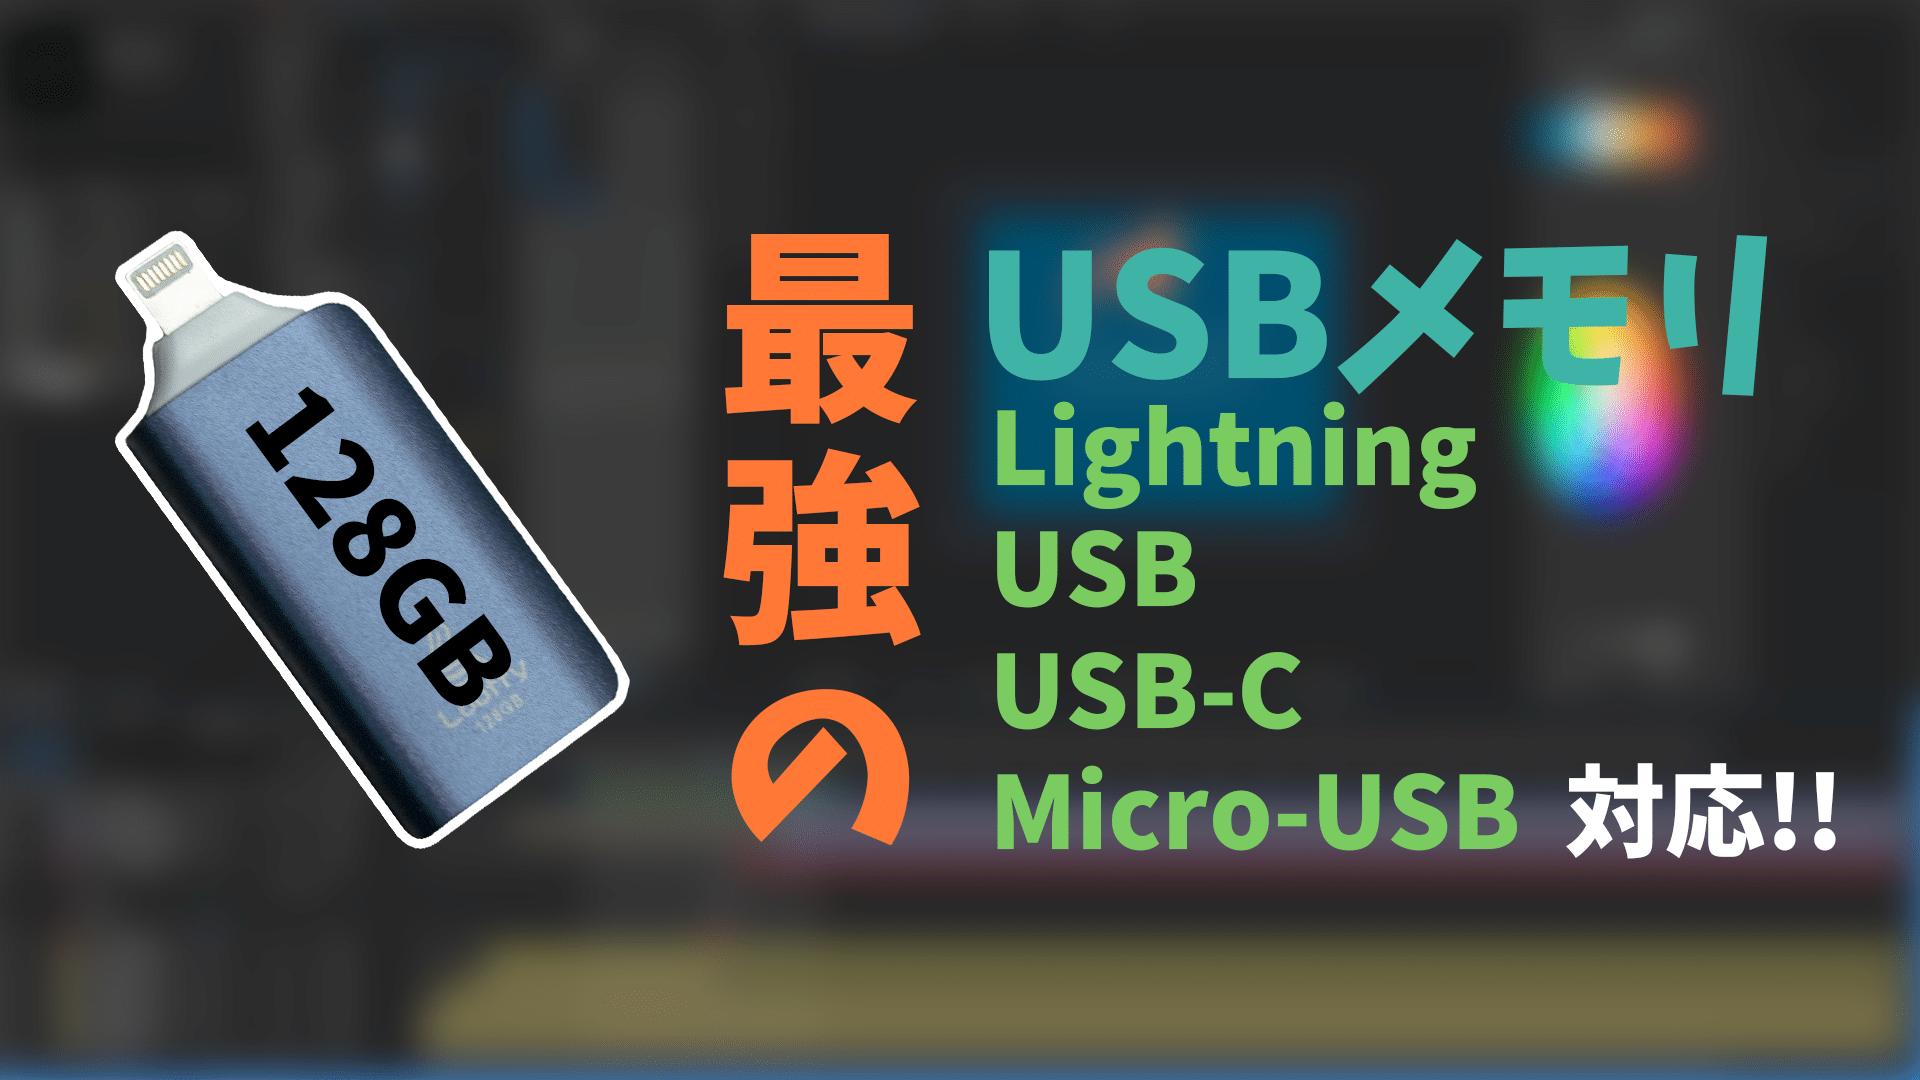 USB - 【最新版】どんな端末でも使える最強USBメモリのご紹介!!Airdropの代わりになる!!